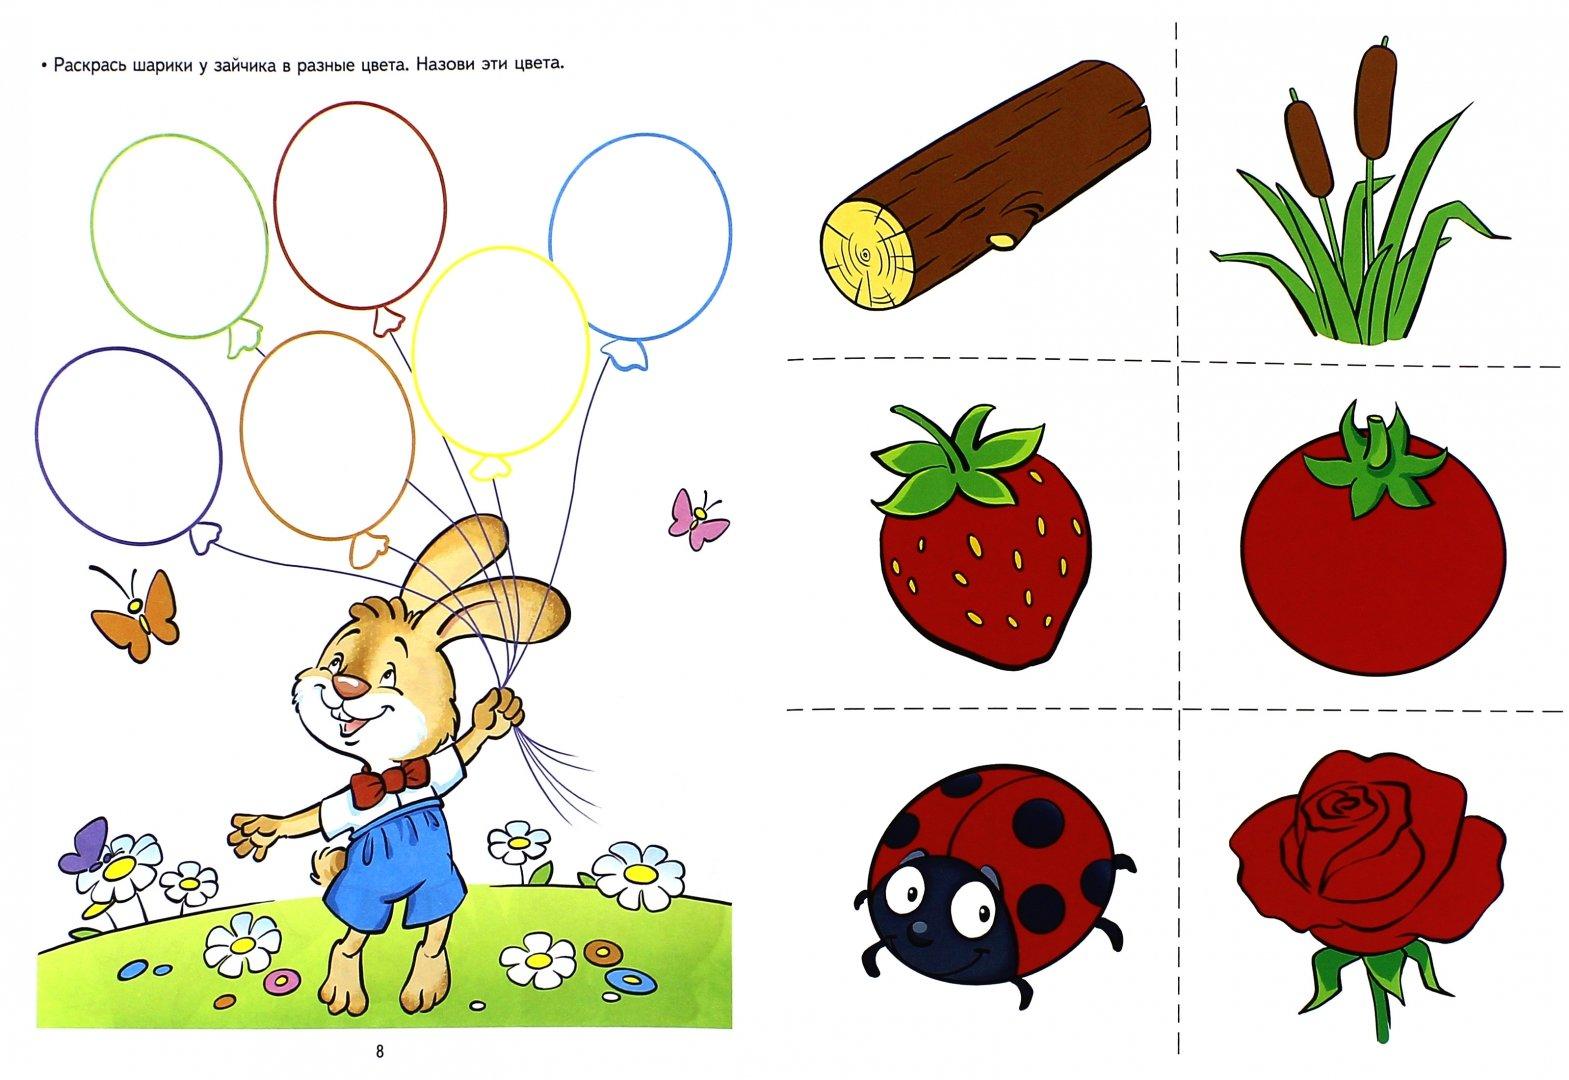 Тематические картинки для детей 3-4 лет, бизнесмену